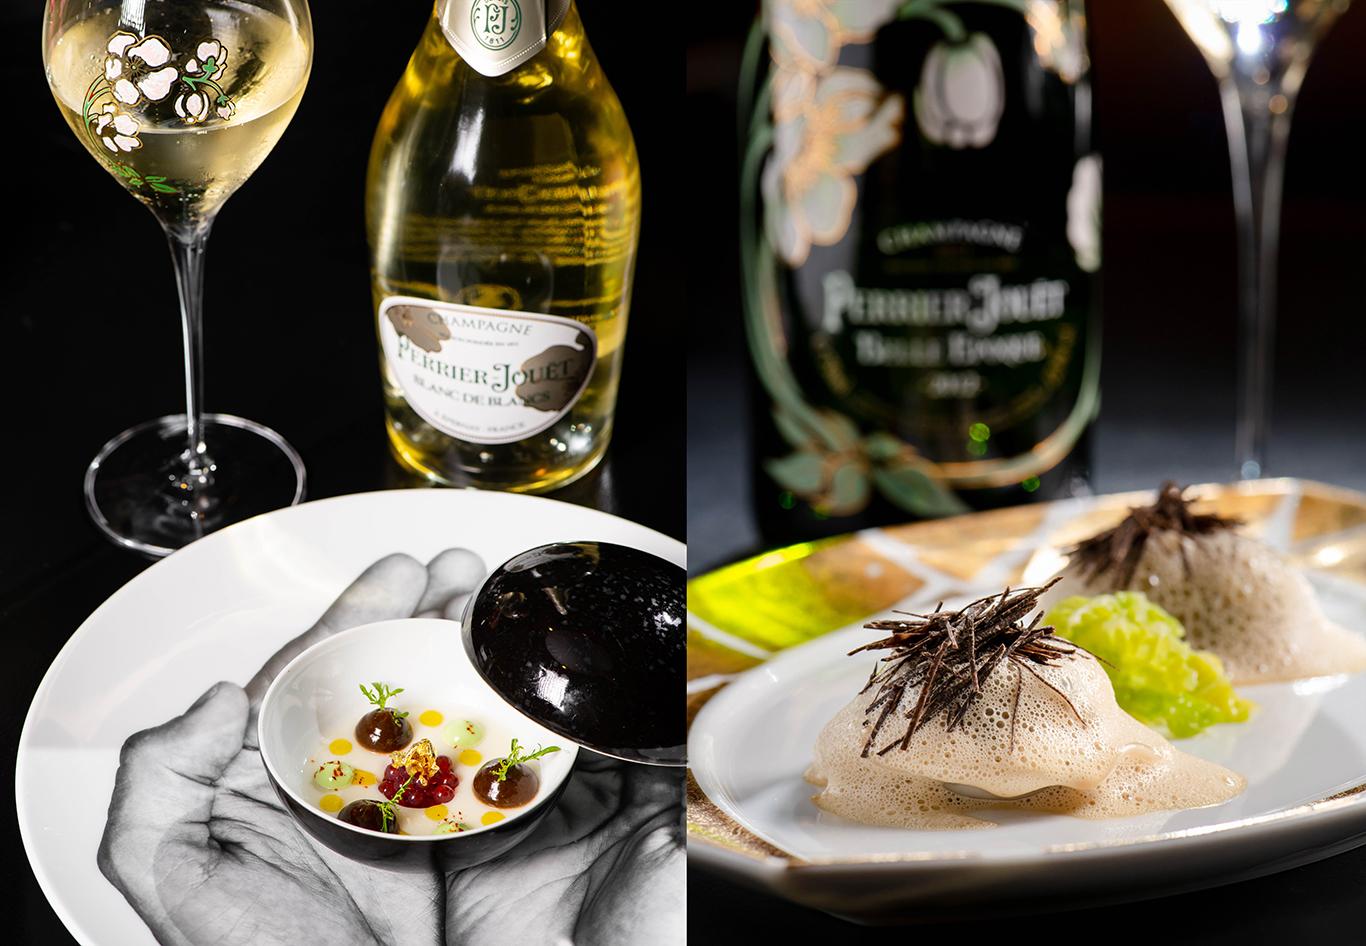 Perrier Jouët Champagne pairing at L'Atelier de Joël Robuchon